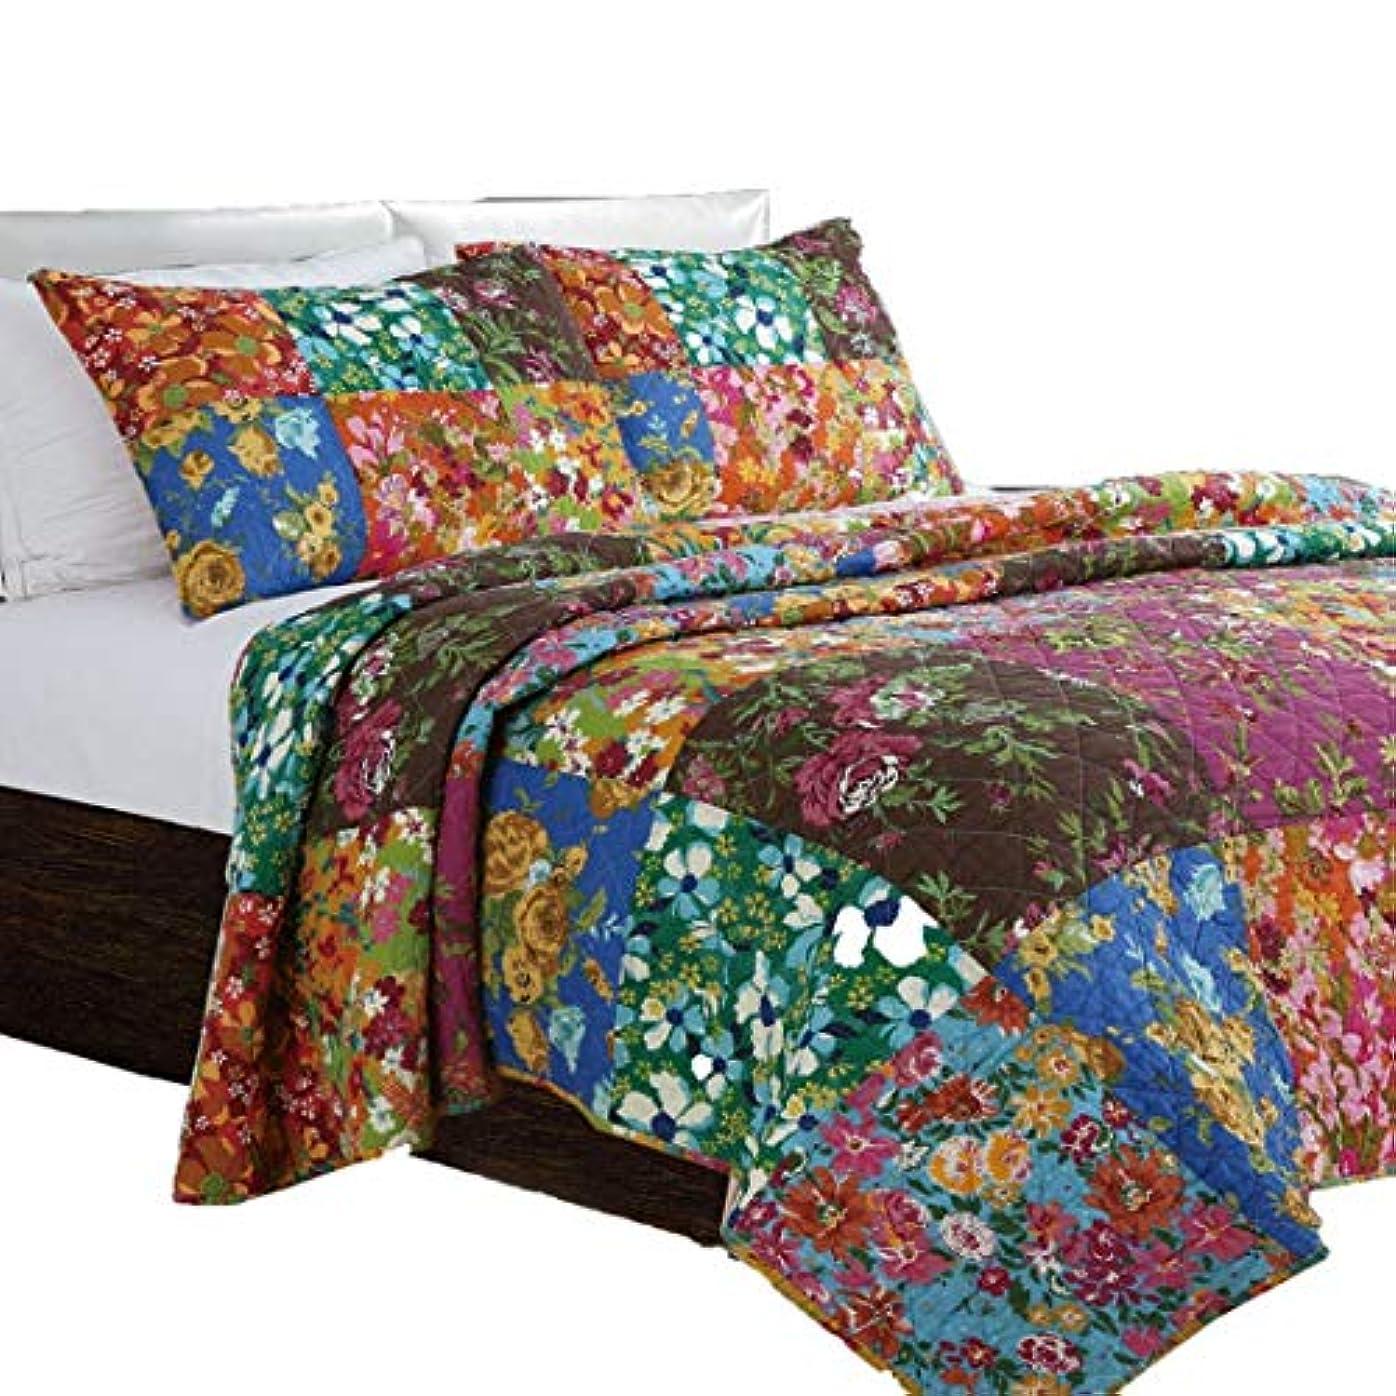 違法超えてきしむYULINGTRADE キルティングキルト、ベッド カバー コットン 3ピース ハンド ステッチキルティング シート 高級 ベッド シート セット (色 : Multicolor)